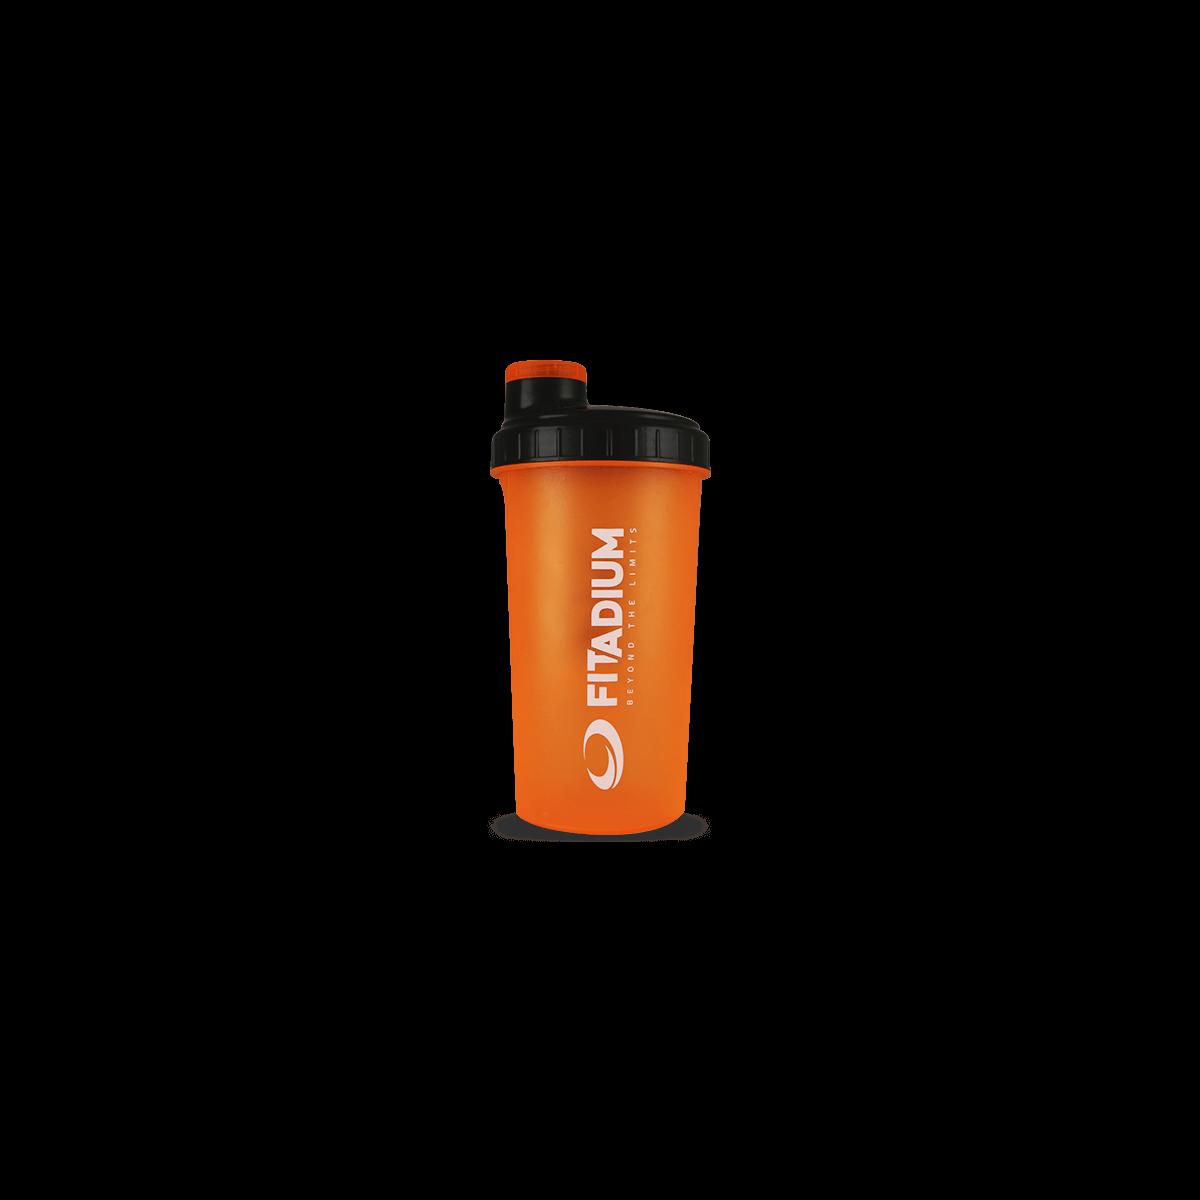 Shaker FITADIUM - New Design